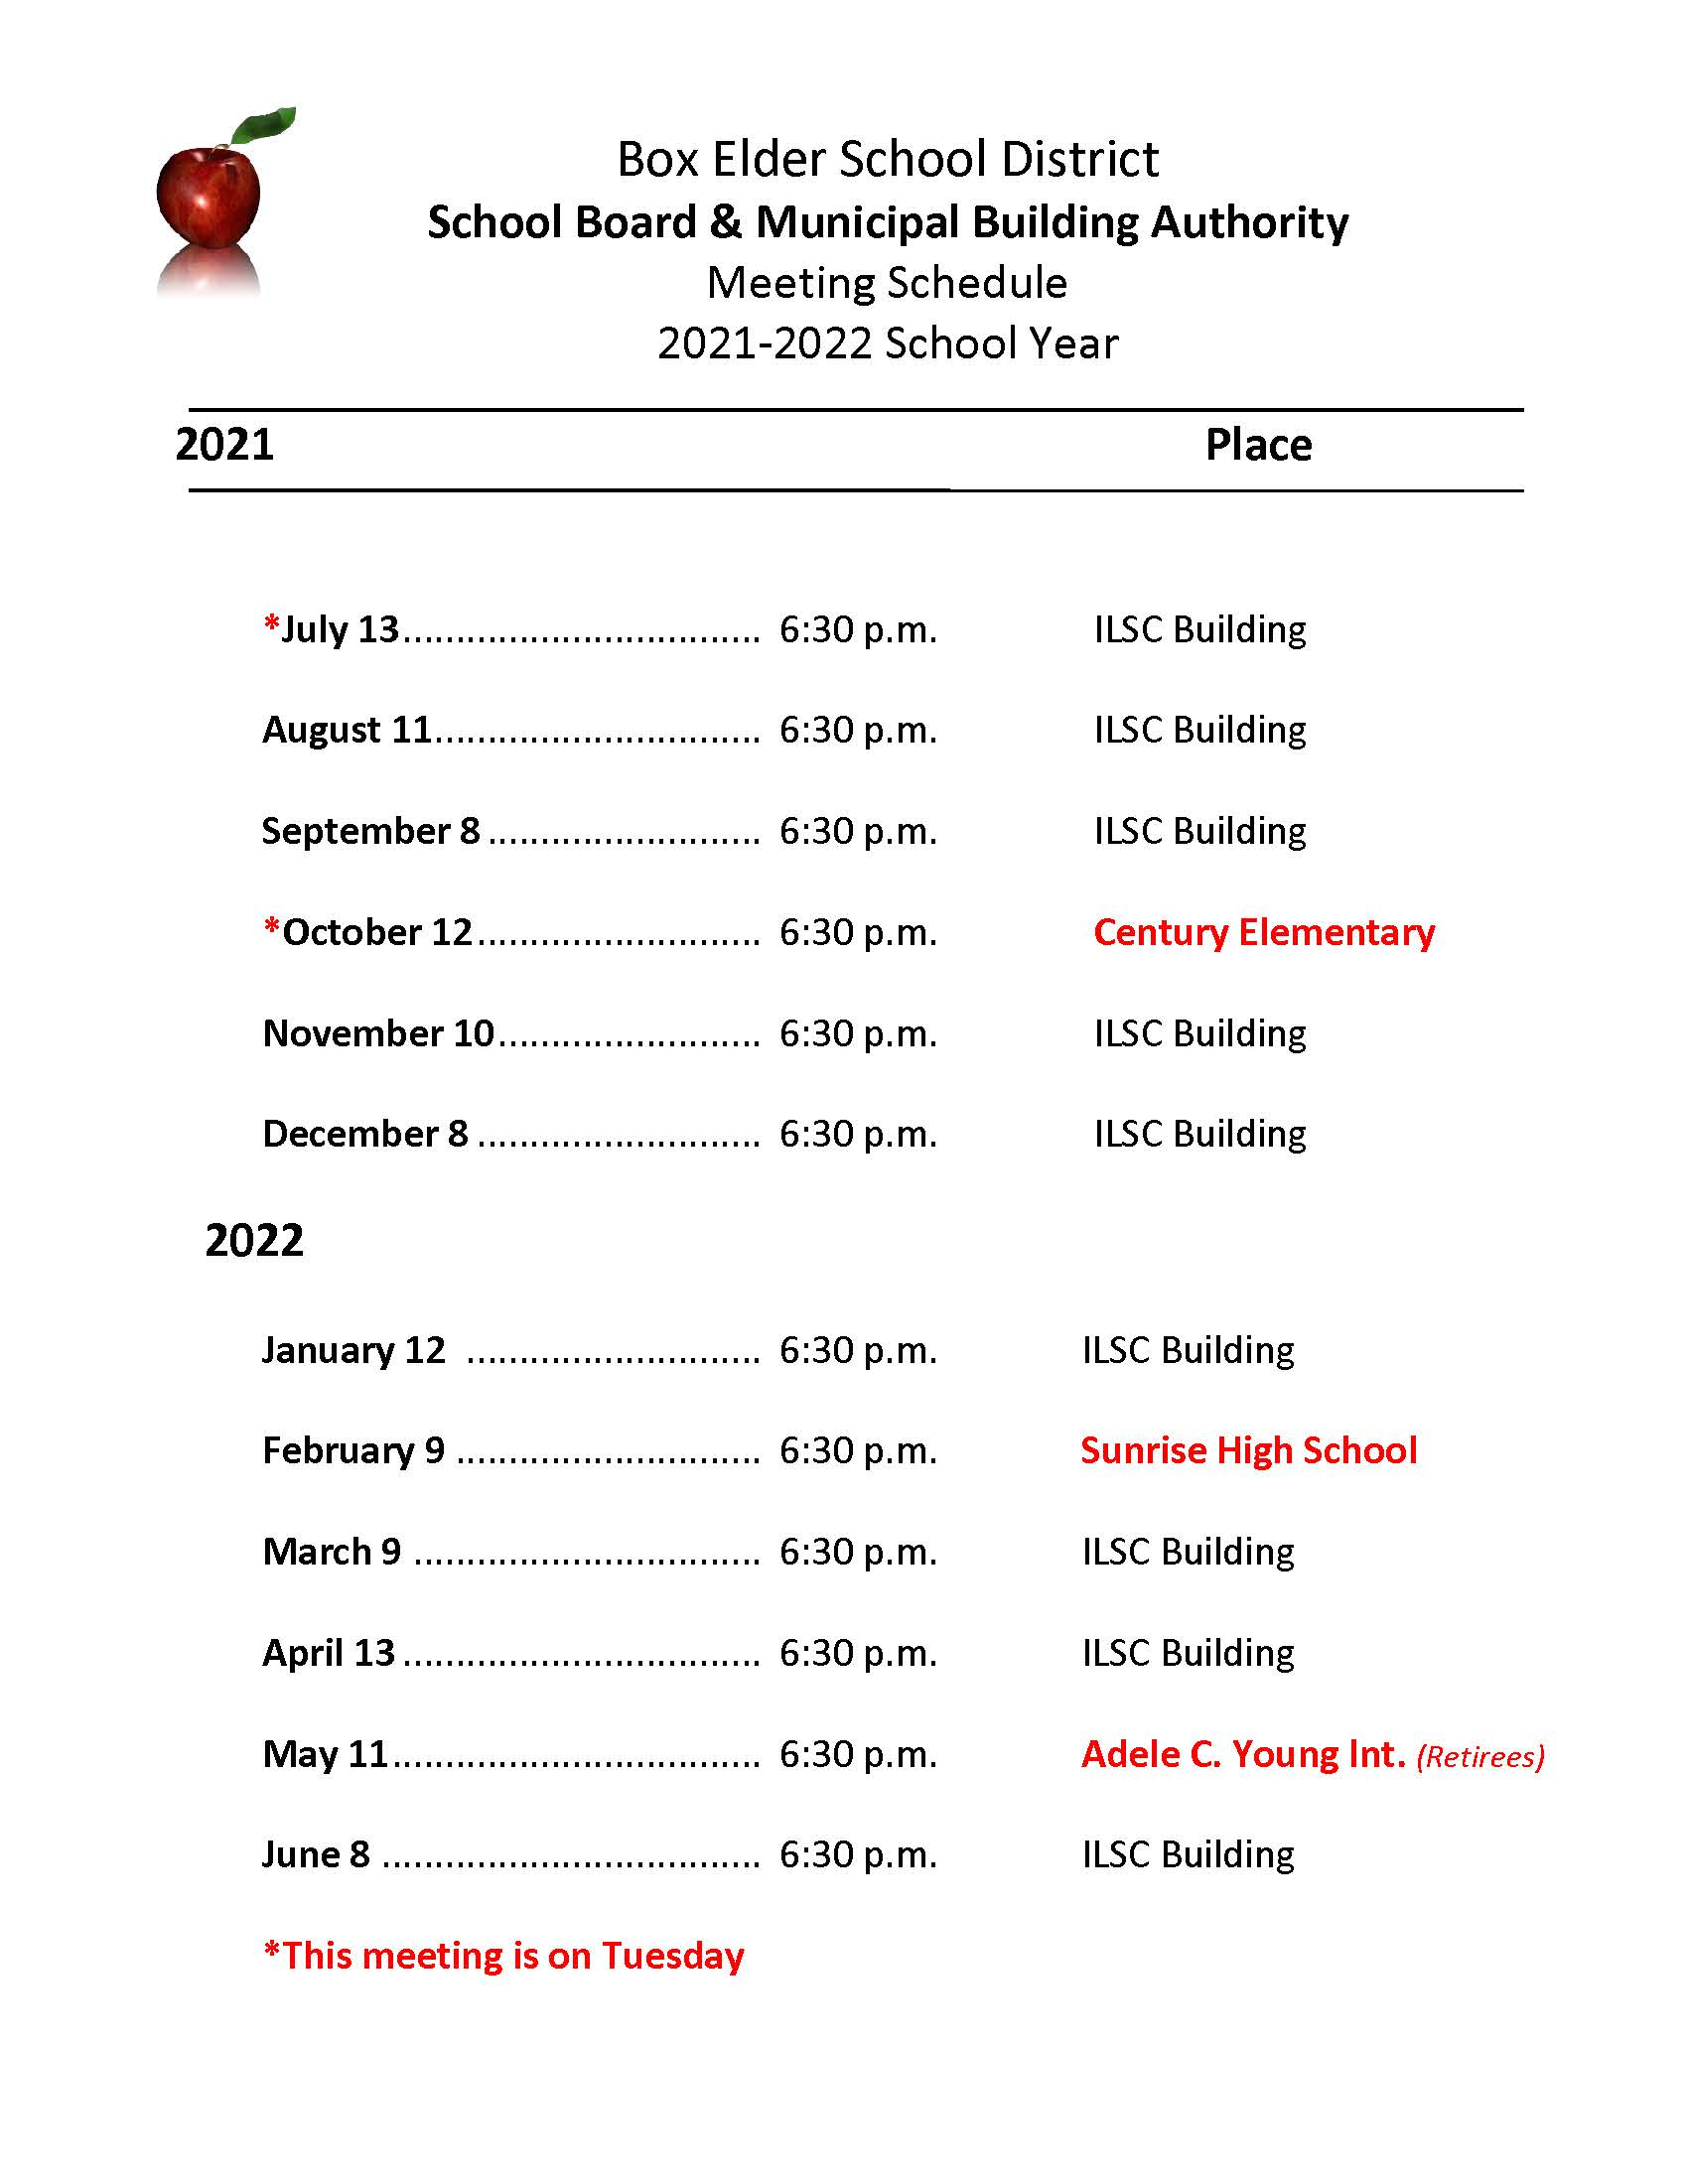 2021-22 School Board Meeting Schedule